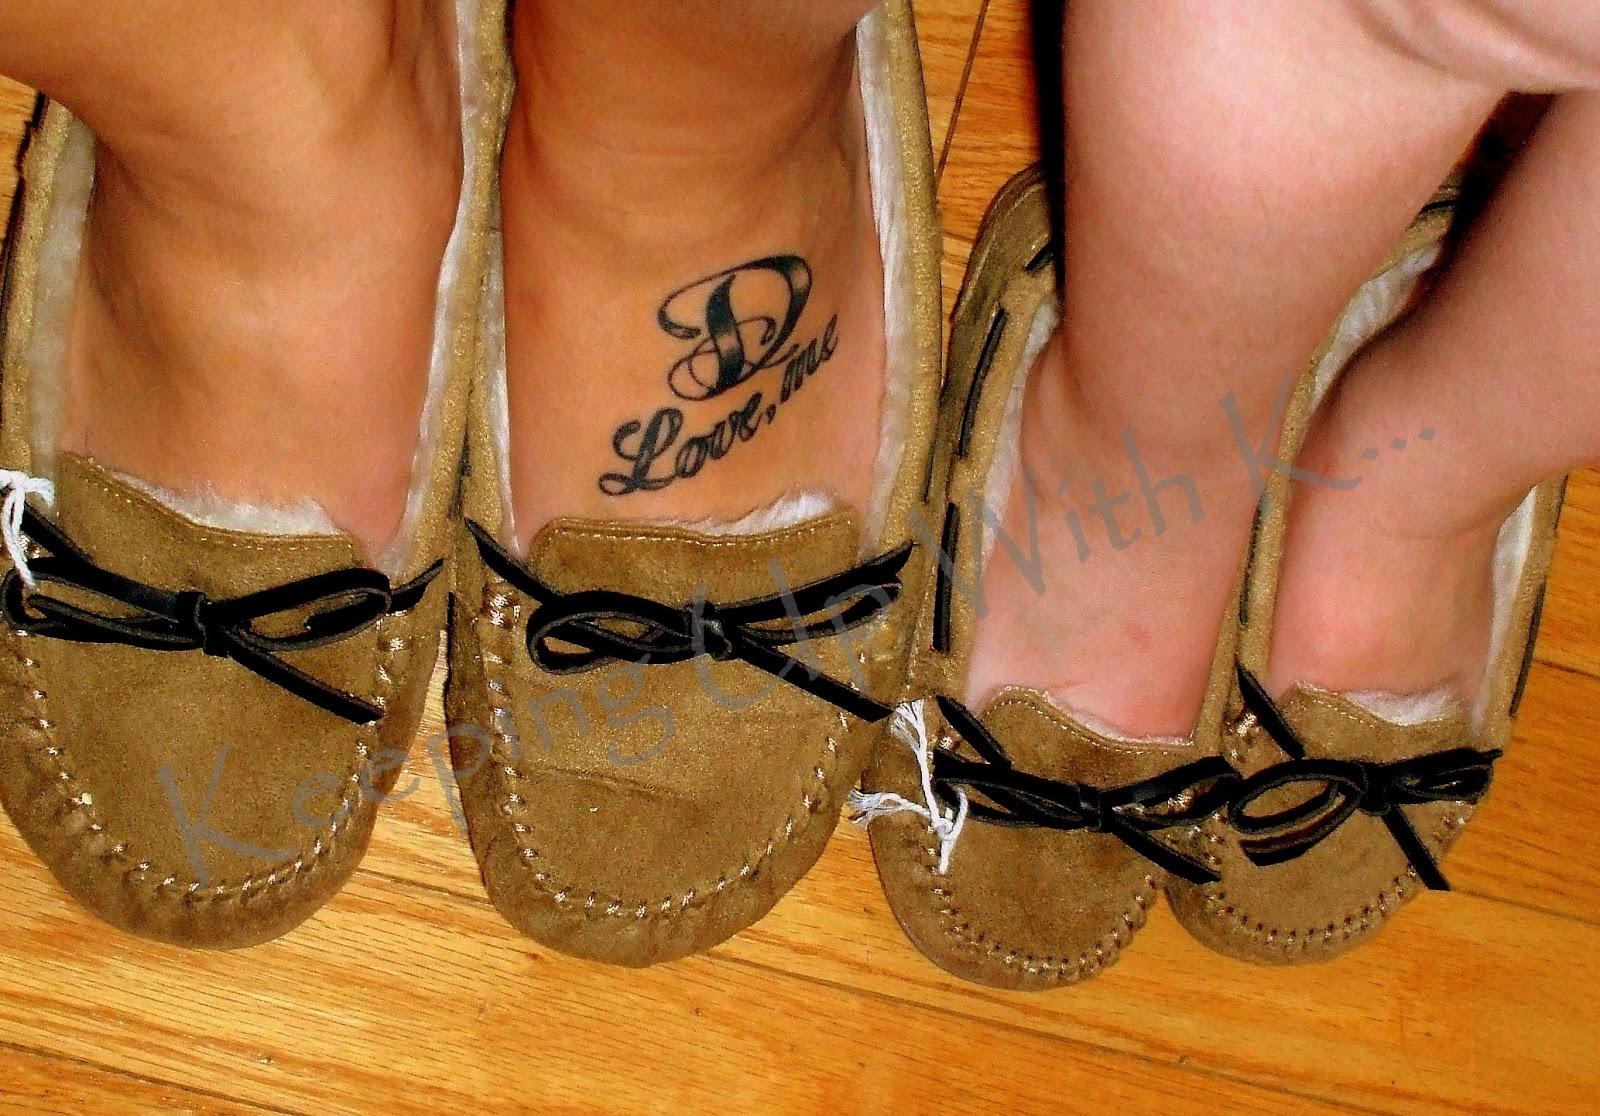 citation en latin tatouage - Trouvez une idée de phrase de tatouage en latin